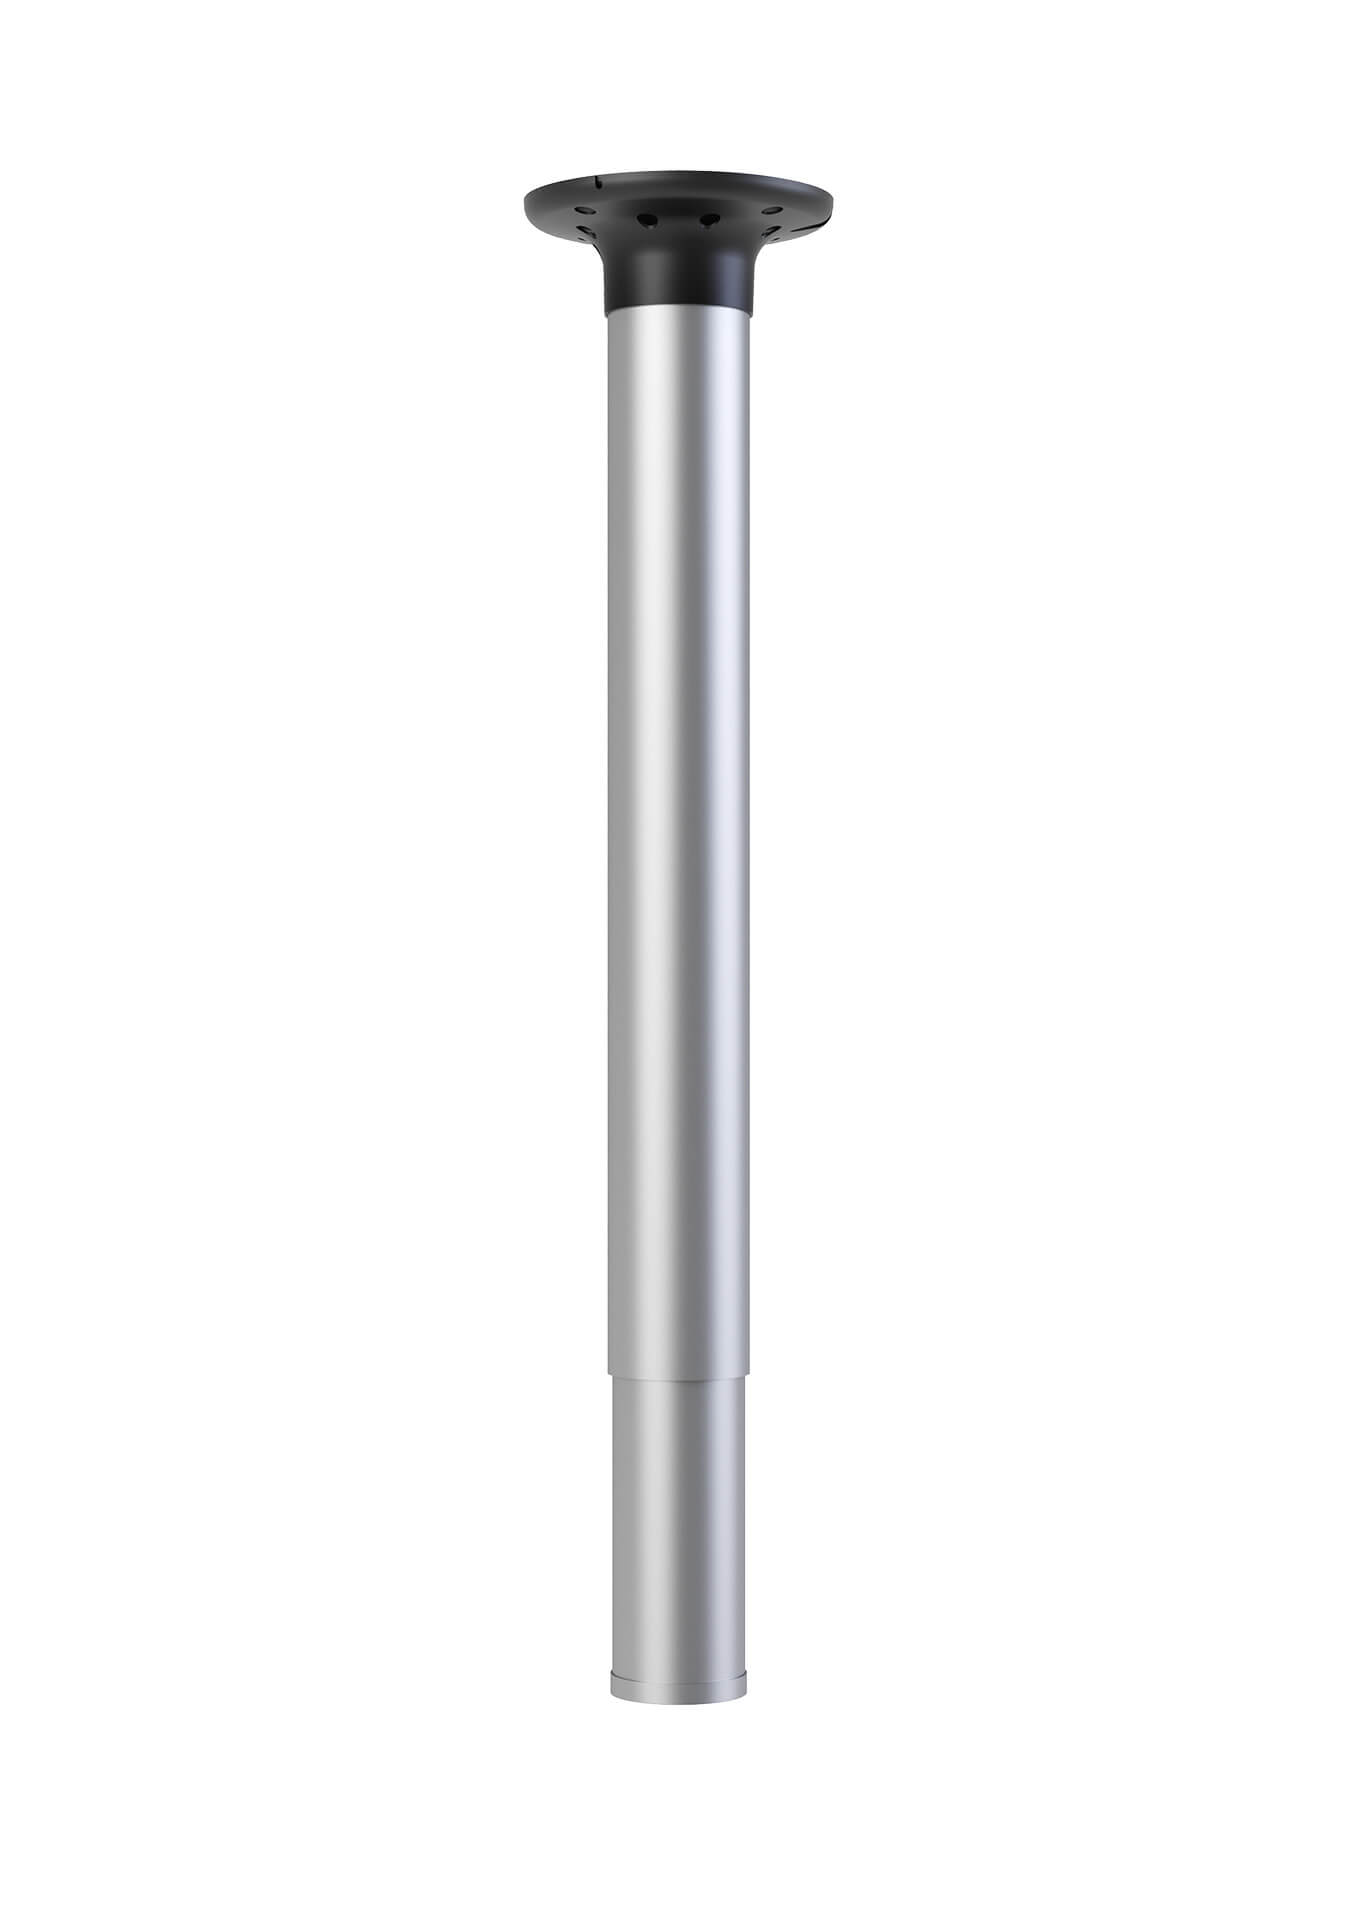 Produktbild: Tischsäule VariStand